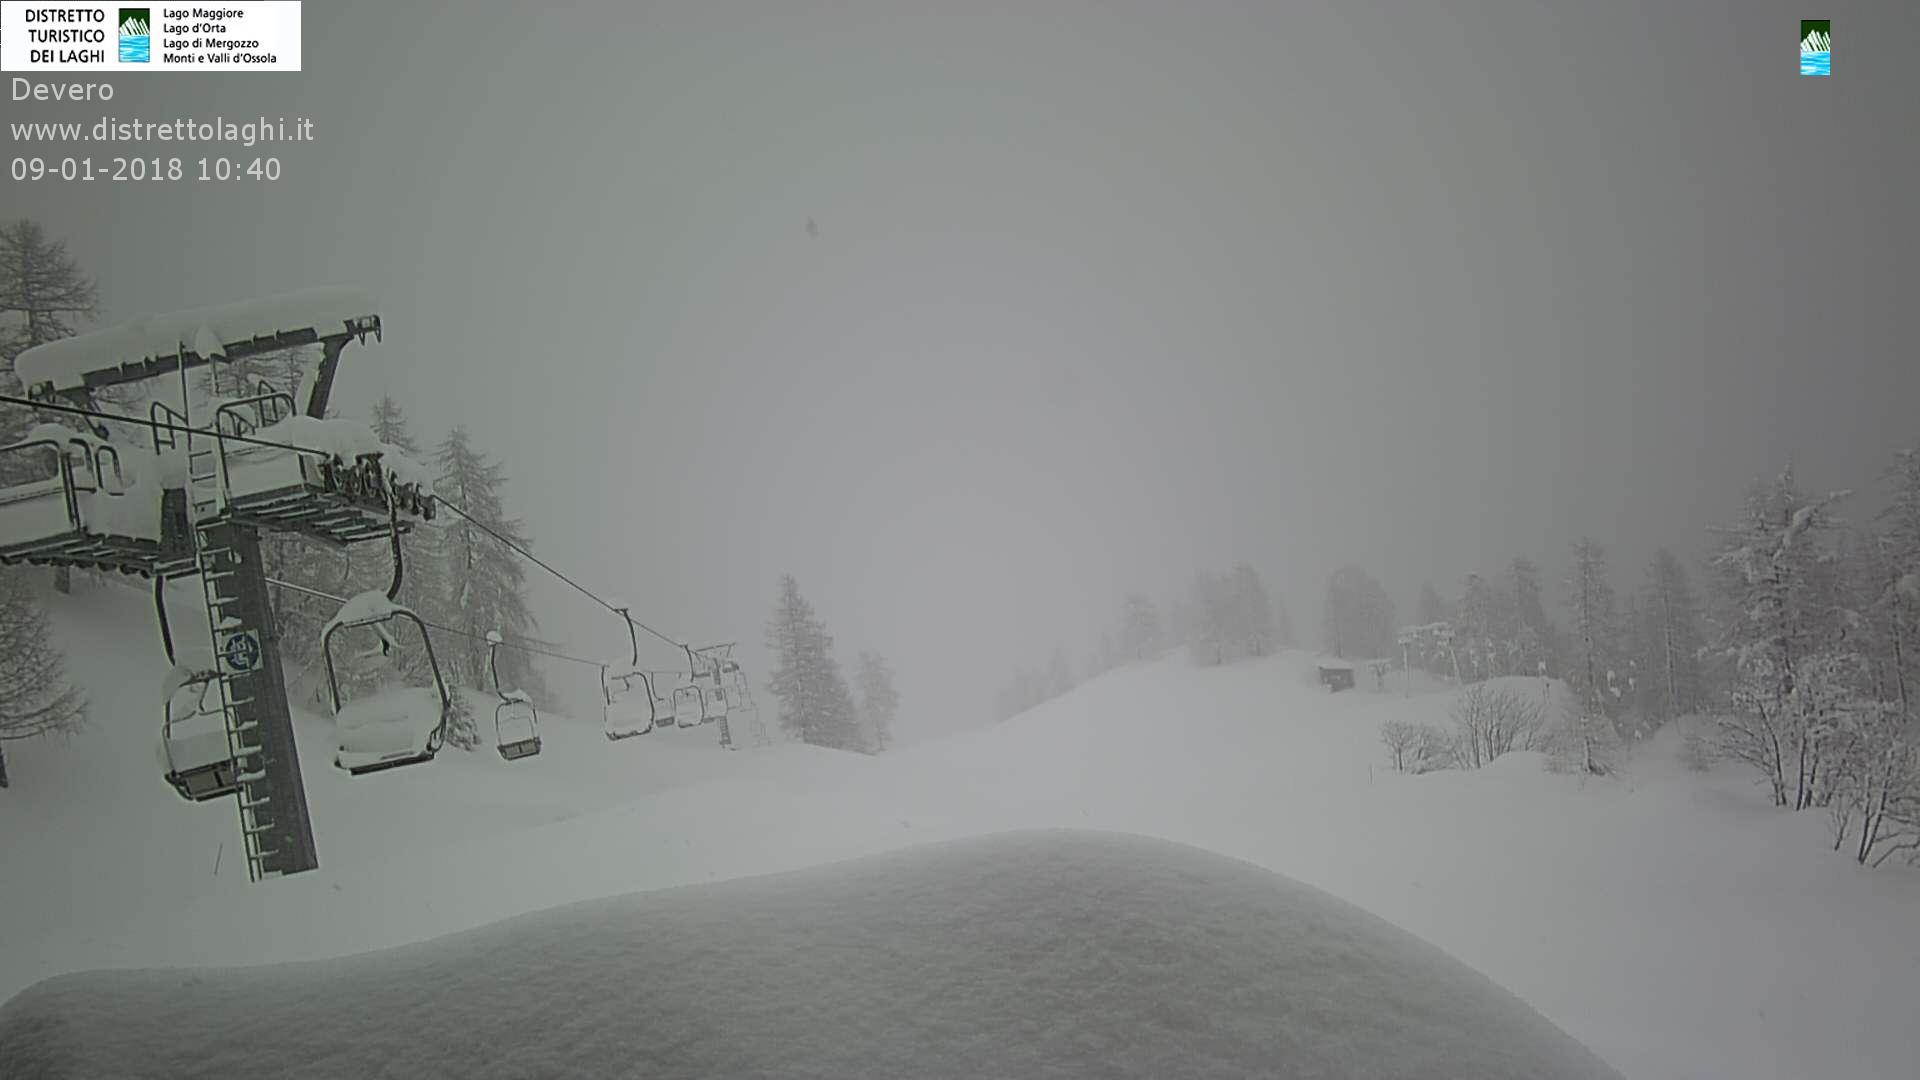 Grande nevicata sulle Alpi 9 gennaio 2018: Alpe Devero (VB)